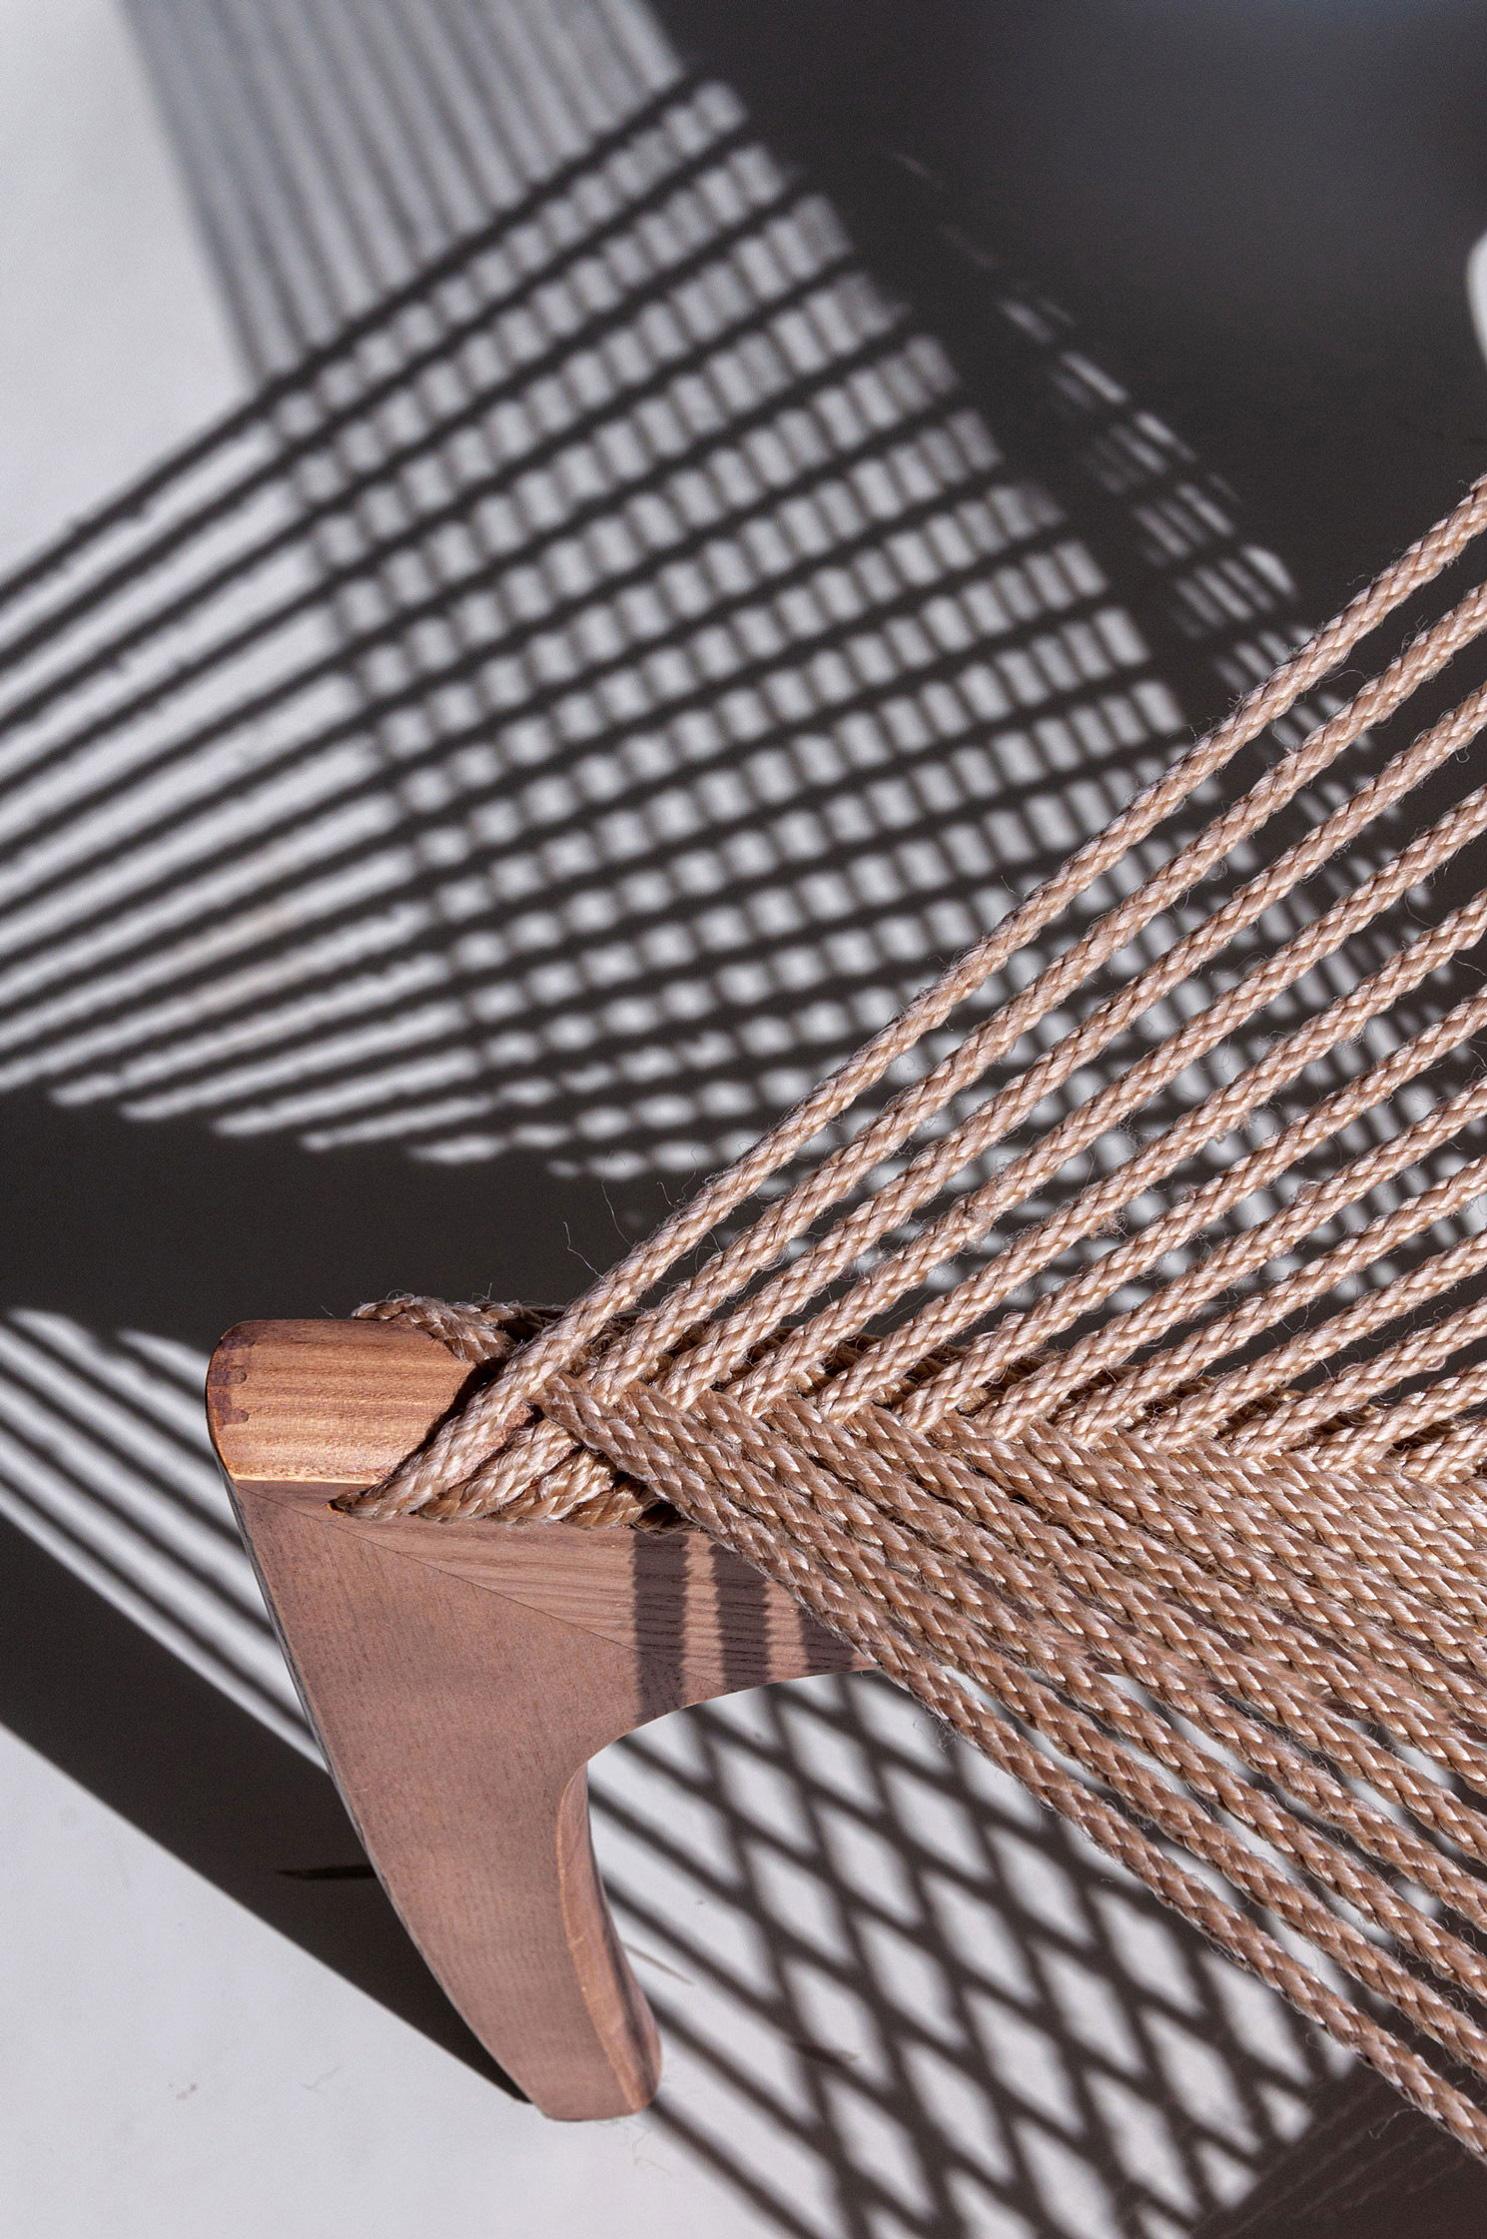 抚仙湖 · 蚁穴主题酒店空间设计丨长空创作